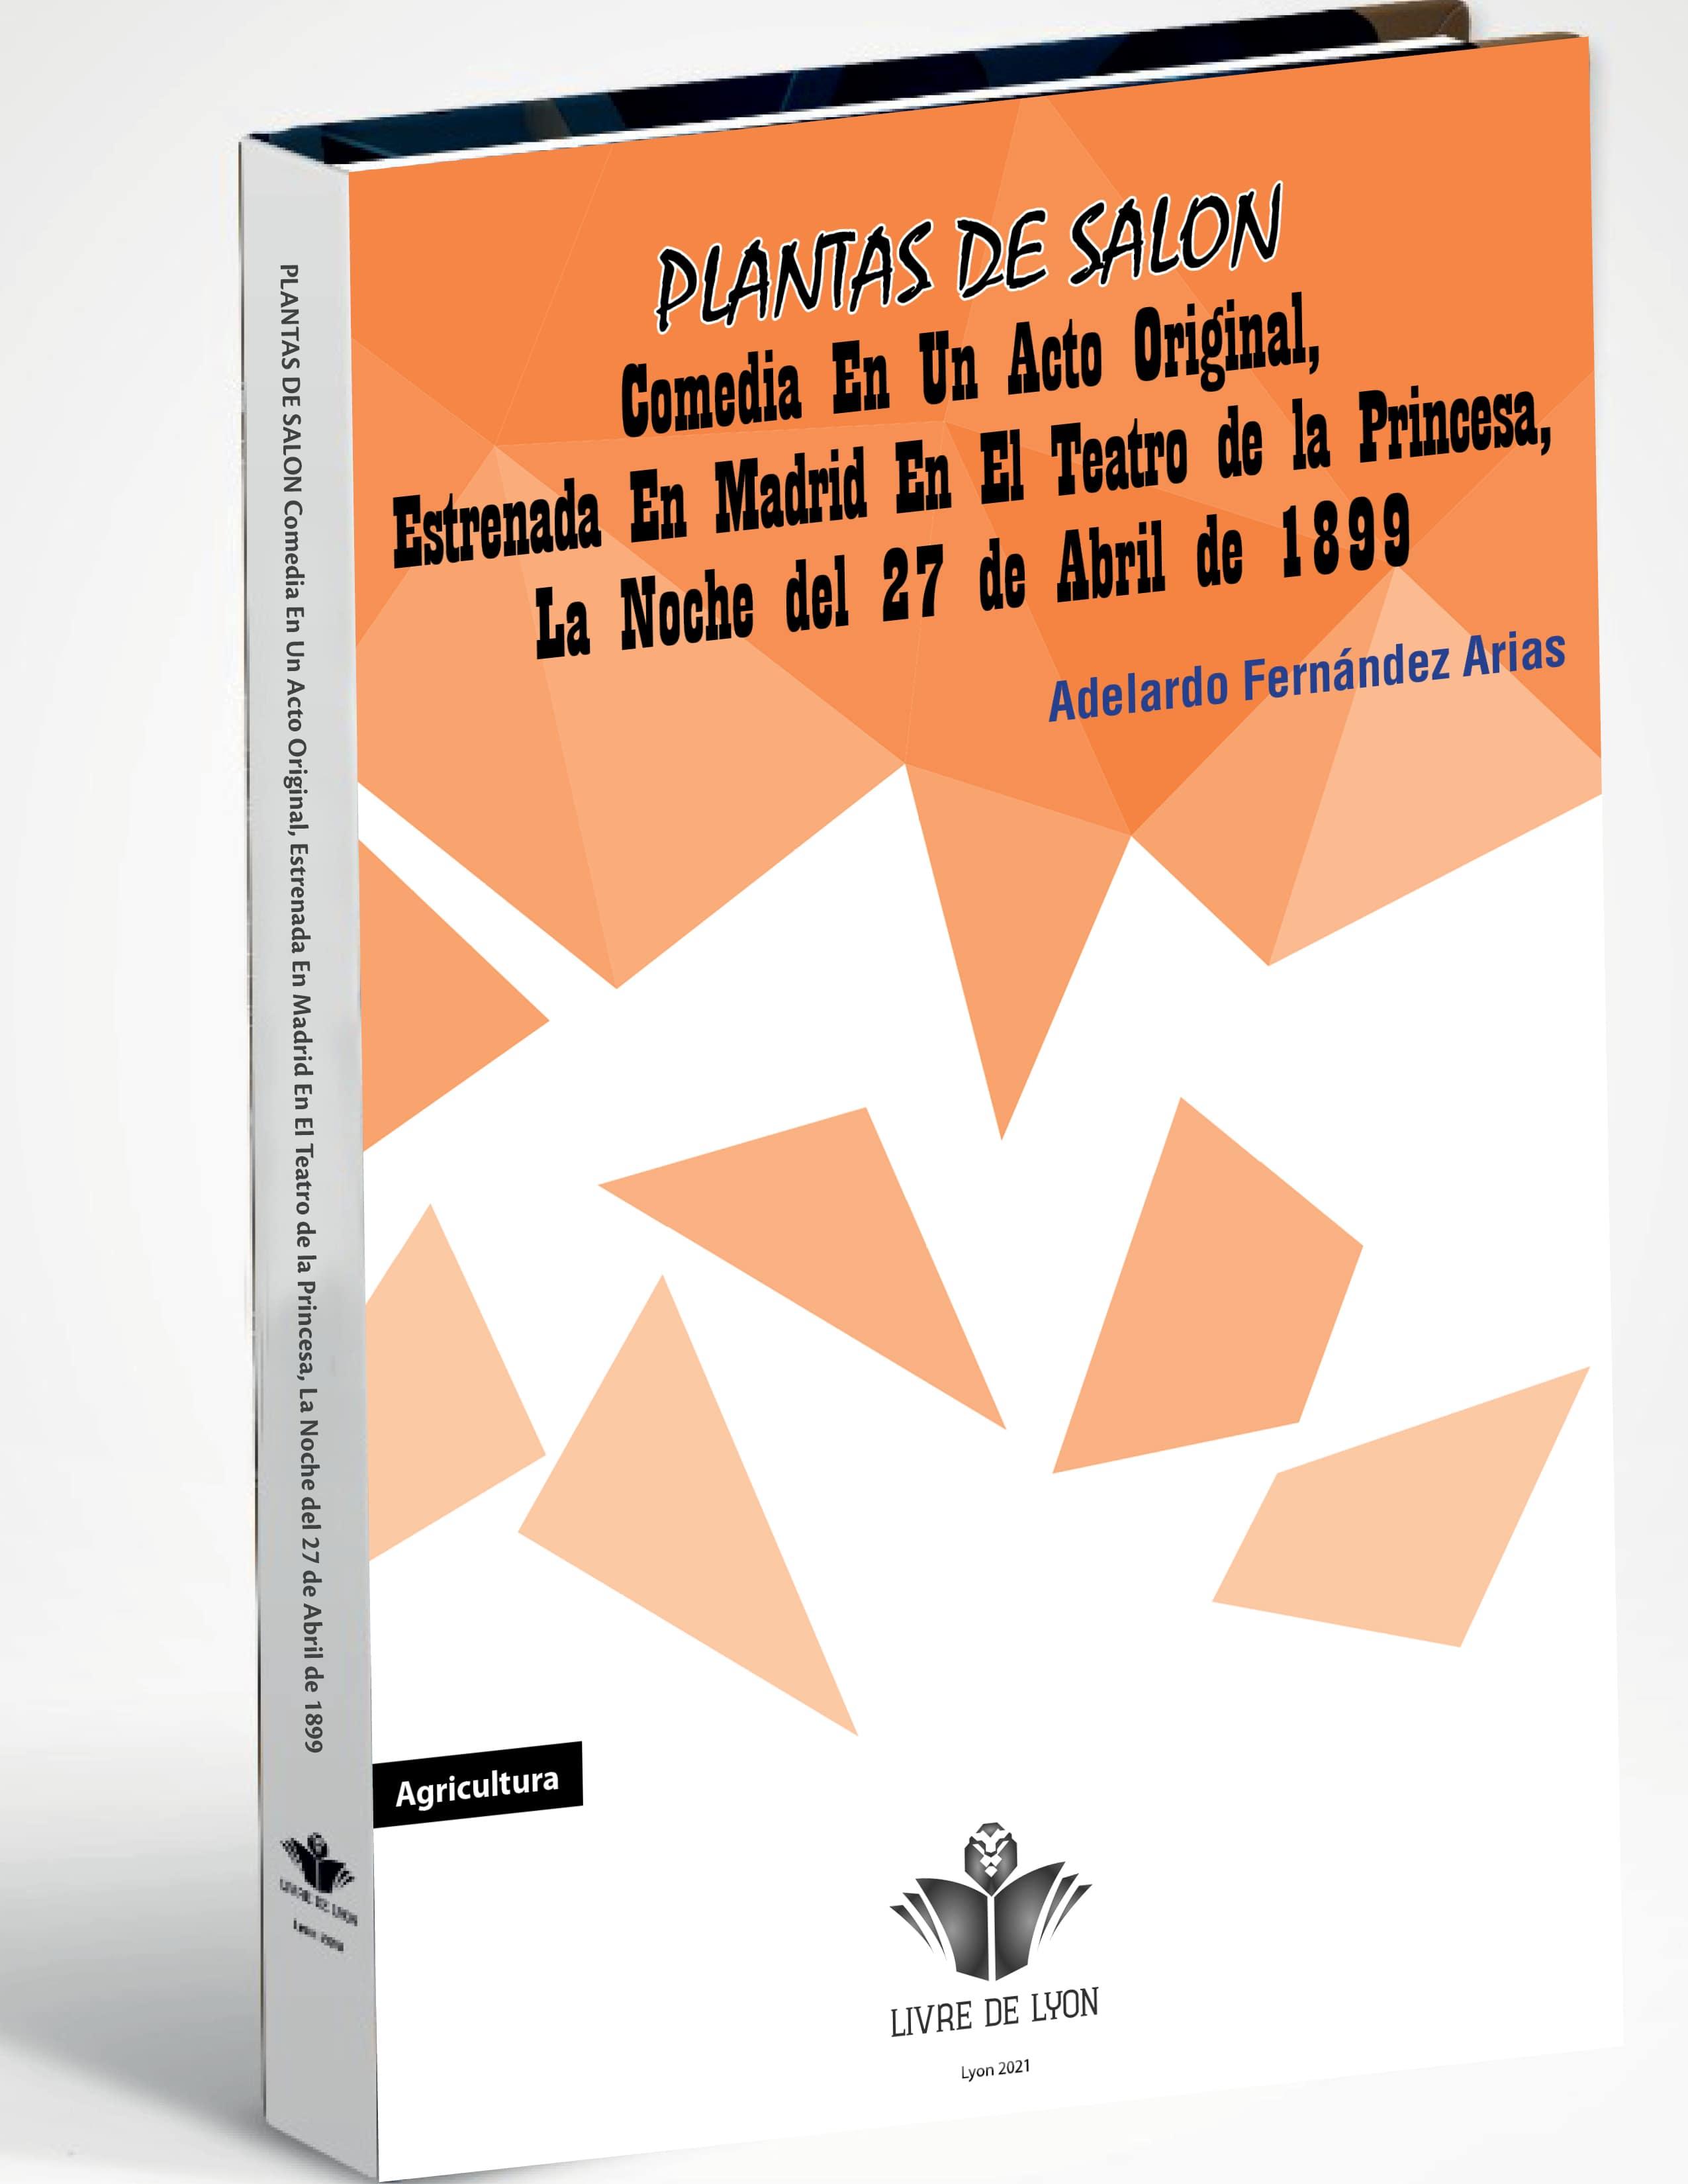 Plantas de Salon : Comedia En Un Acto Original, Estrenada En Madrid En El Teatro de la Princesa, La